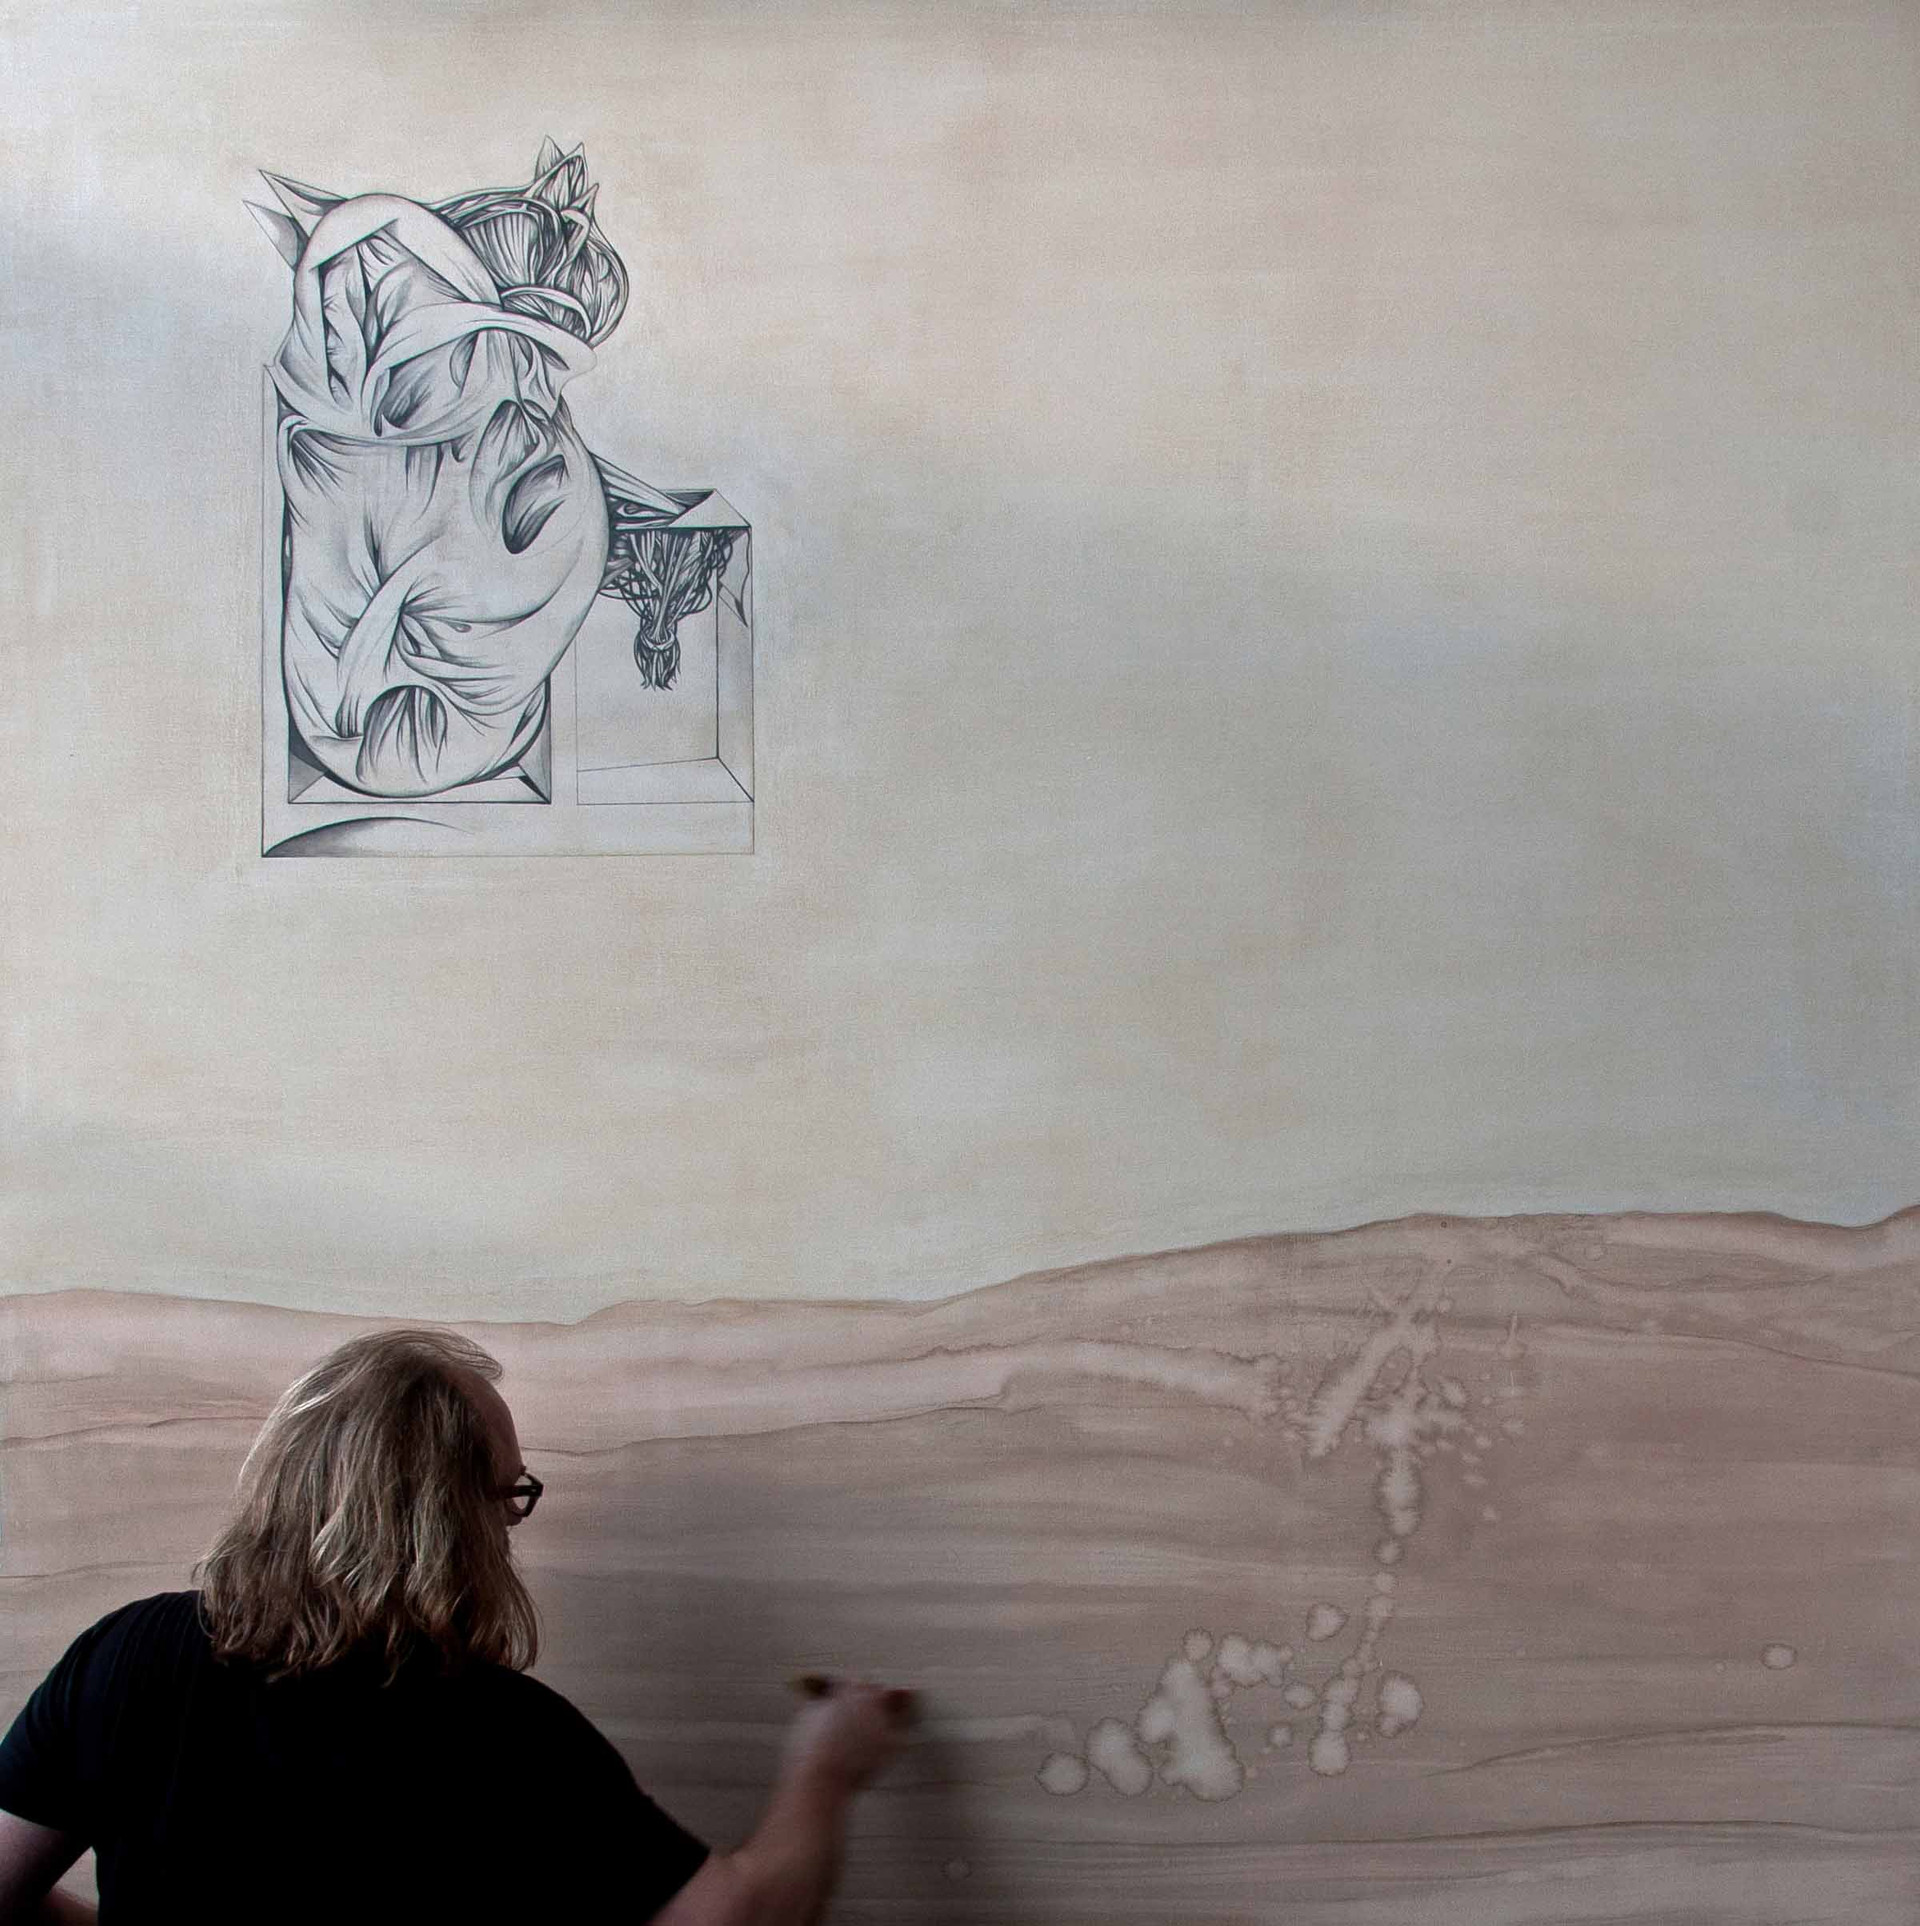 Homenatge a Frederic Mompou  2016. 200x200cm Graphite pencil and Oil on canvas